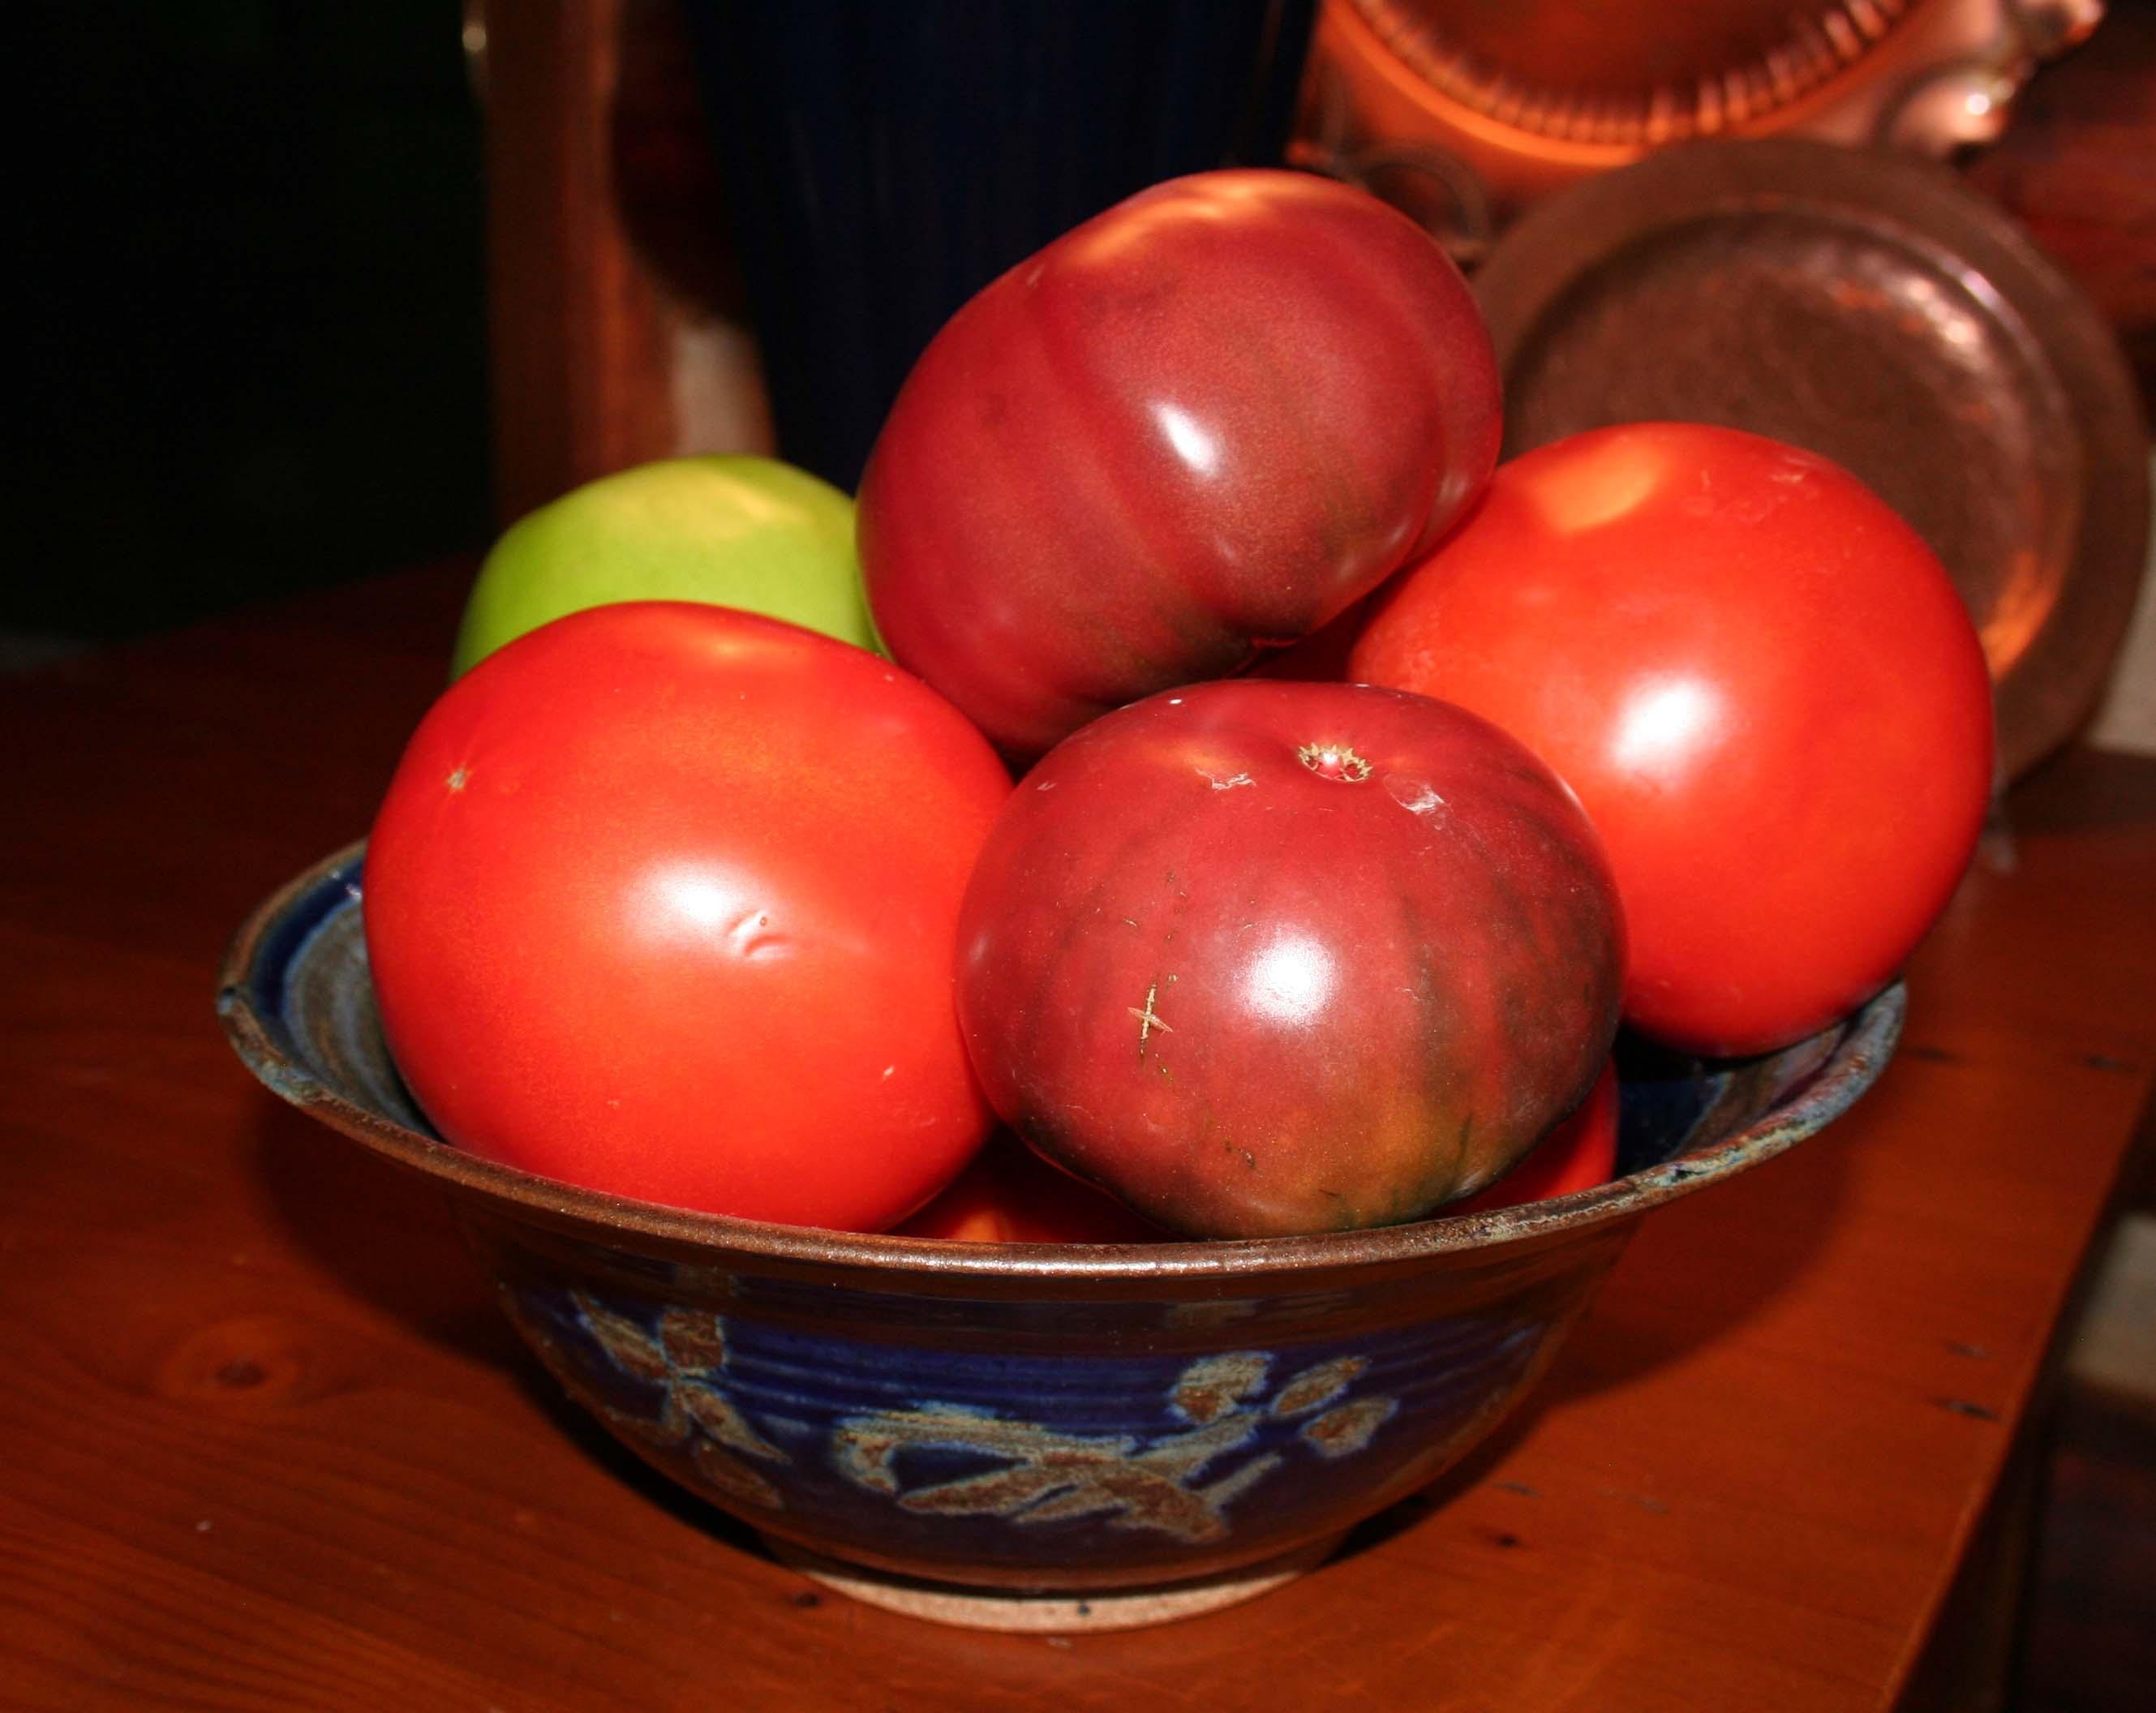 Fotoğraf Elma Meyve Gıda Kırmızı üretmek Sebze Doğal Taze